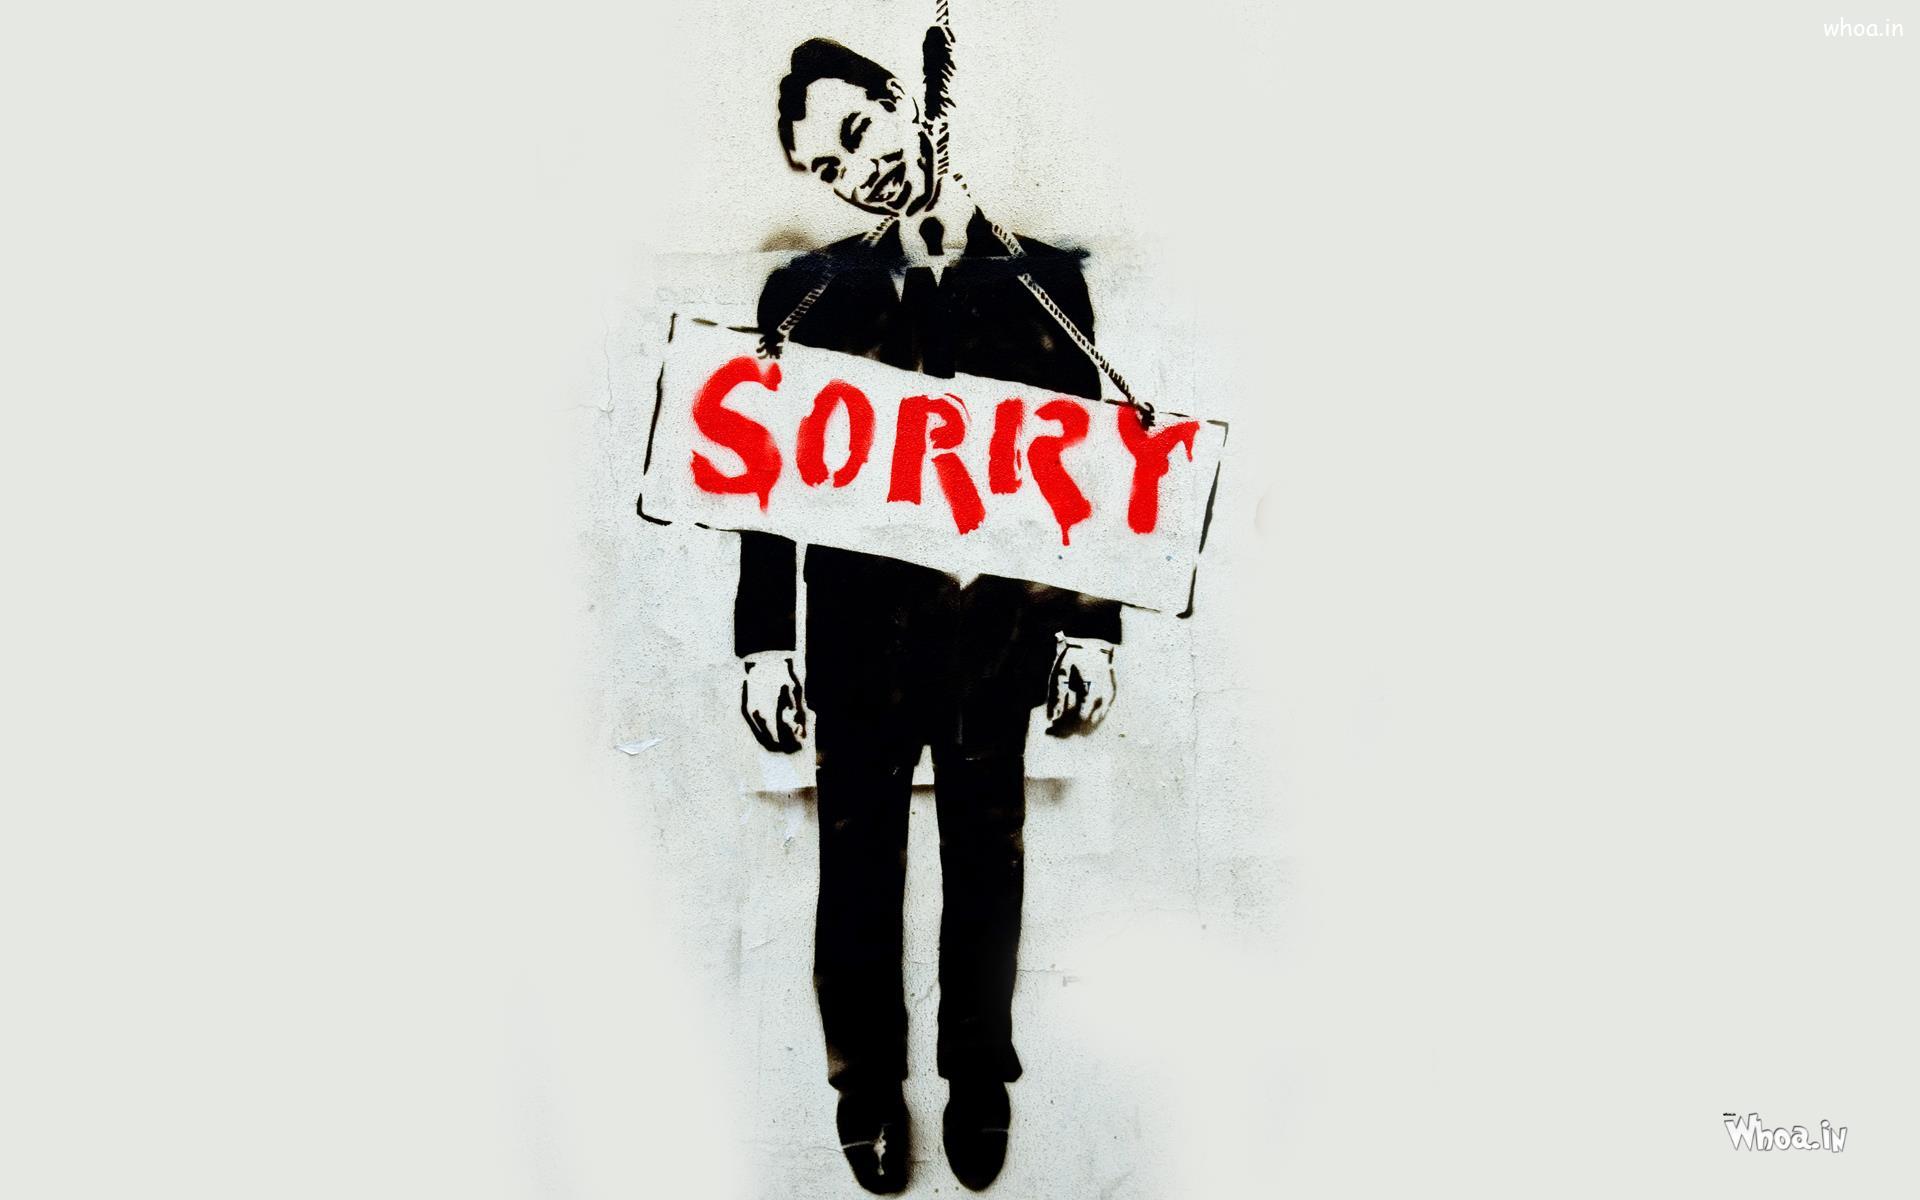 Suicide Boys Wallpaper Image Gallery